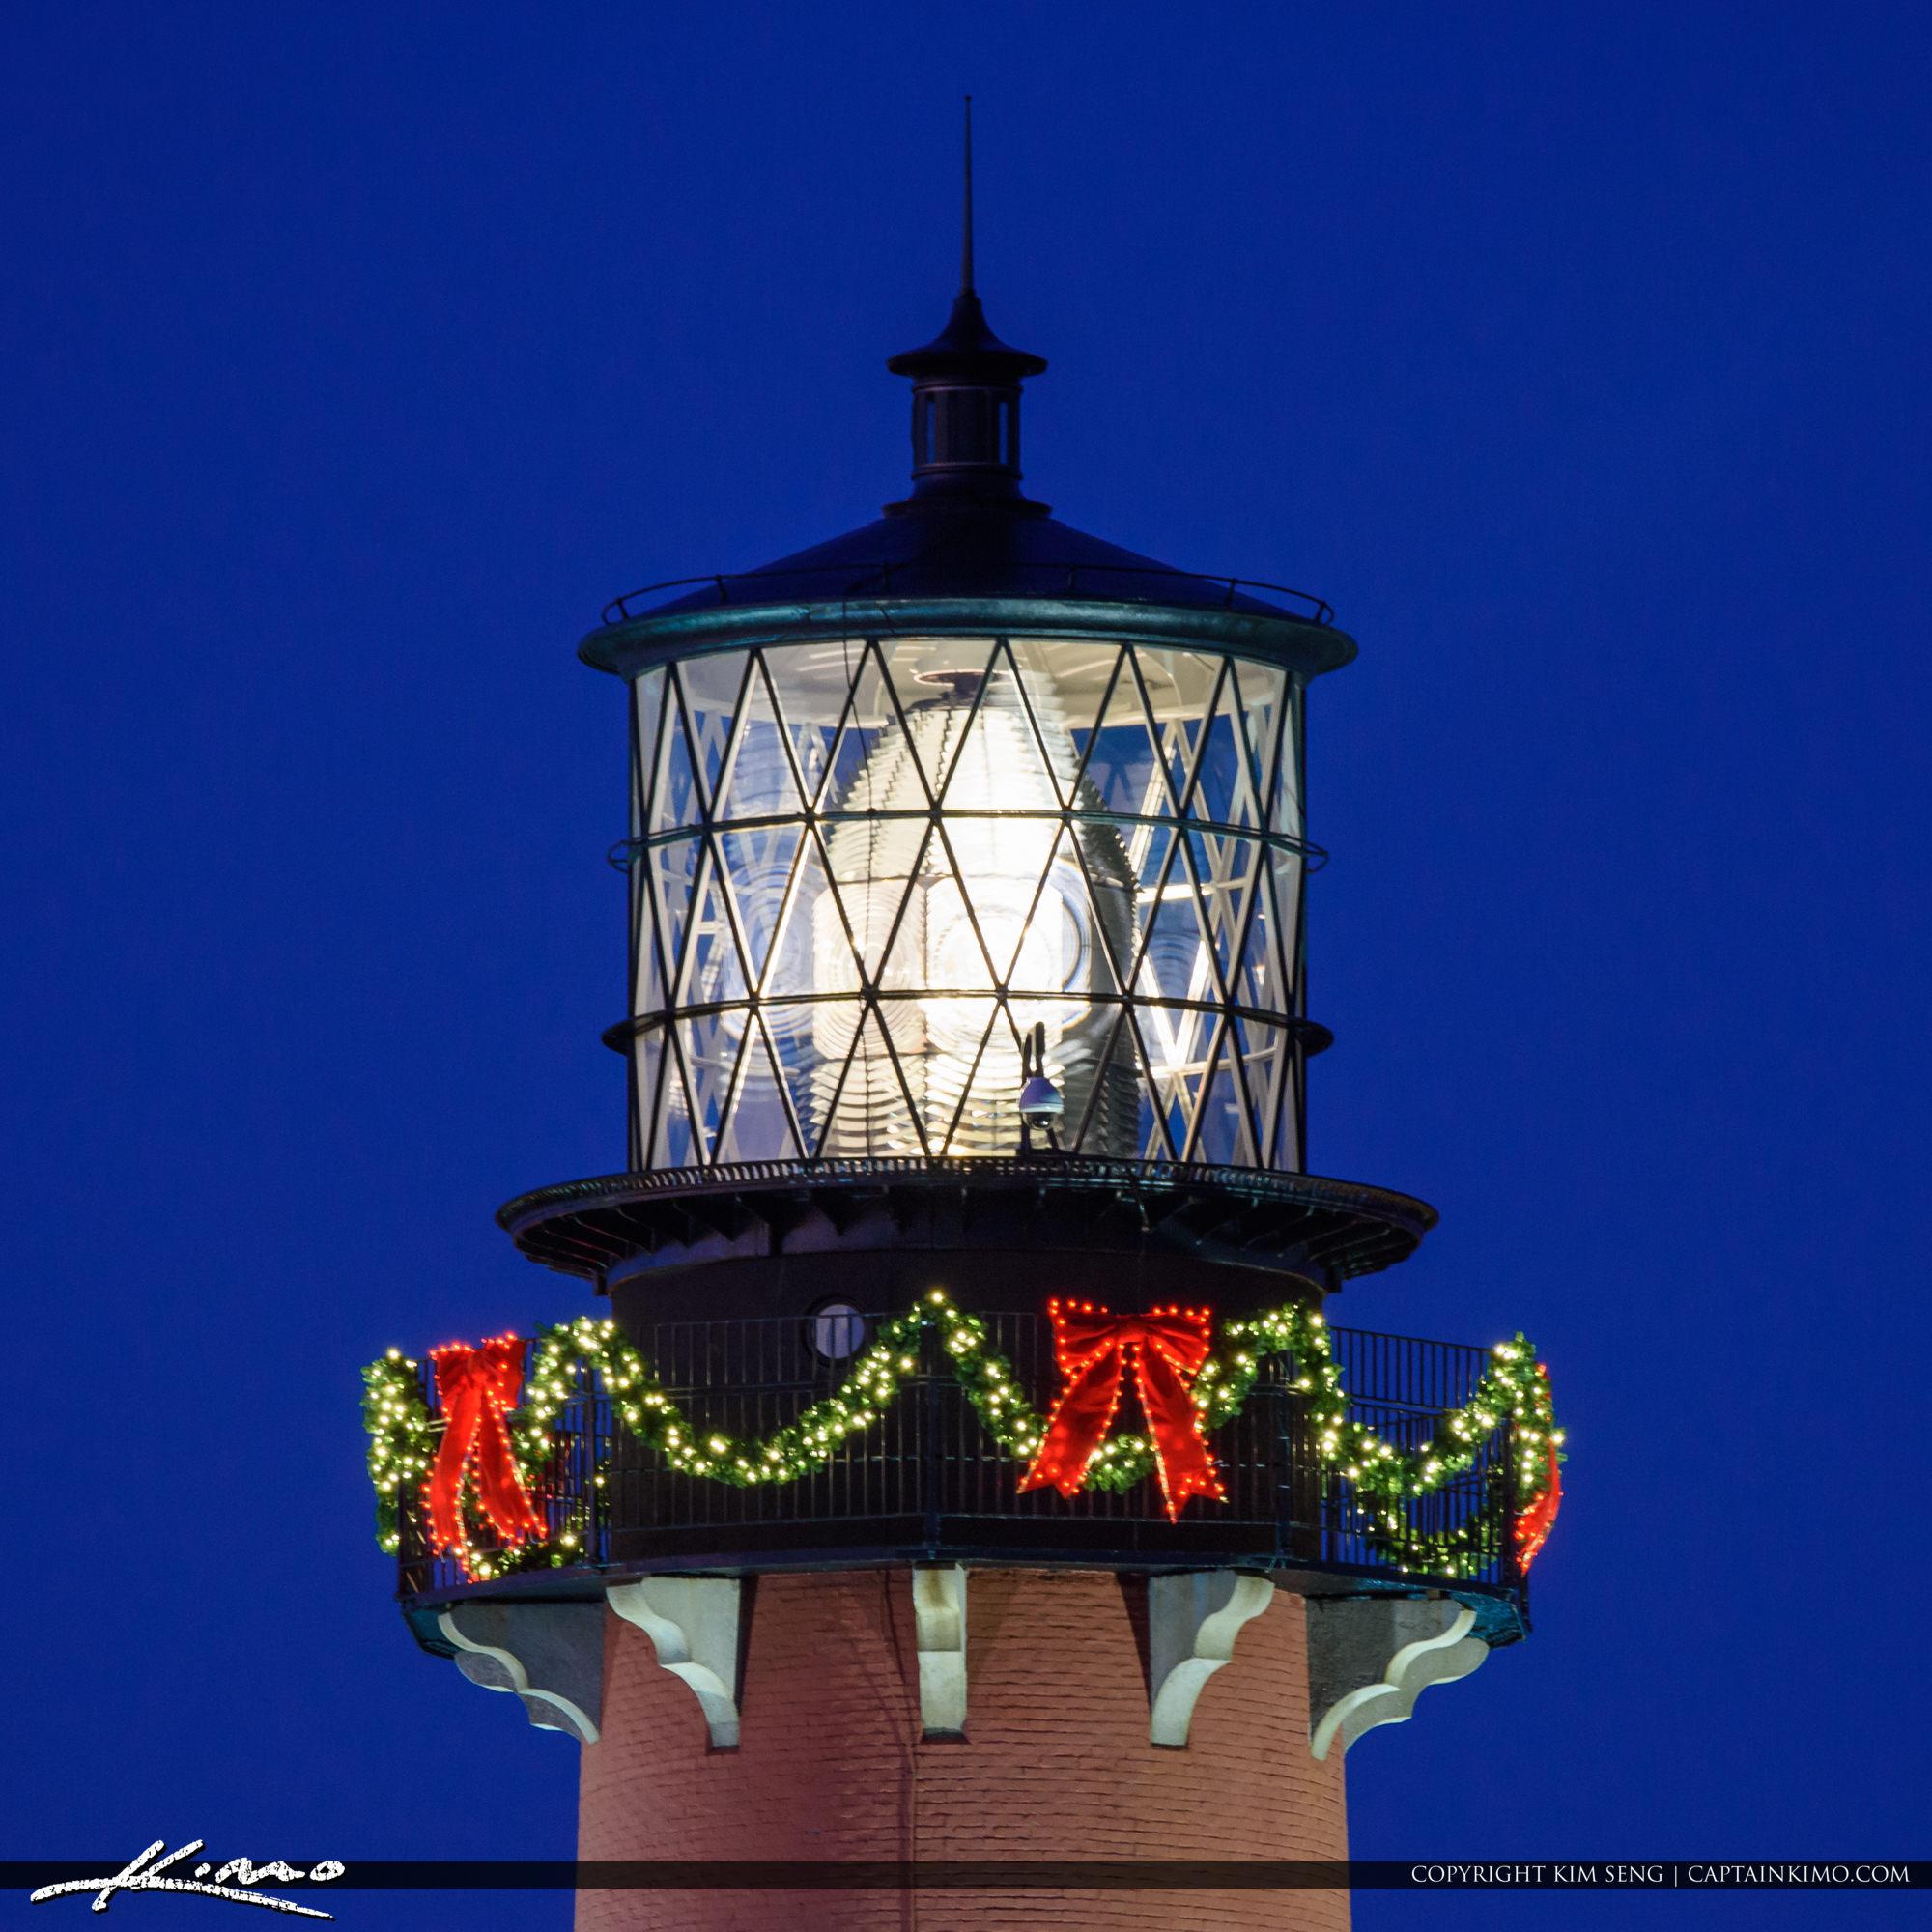 Jupiter Lighthouse Upclose Holiday Decorations